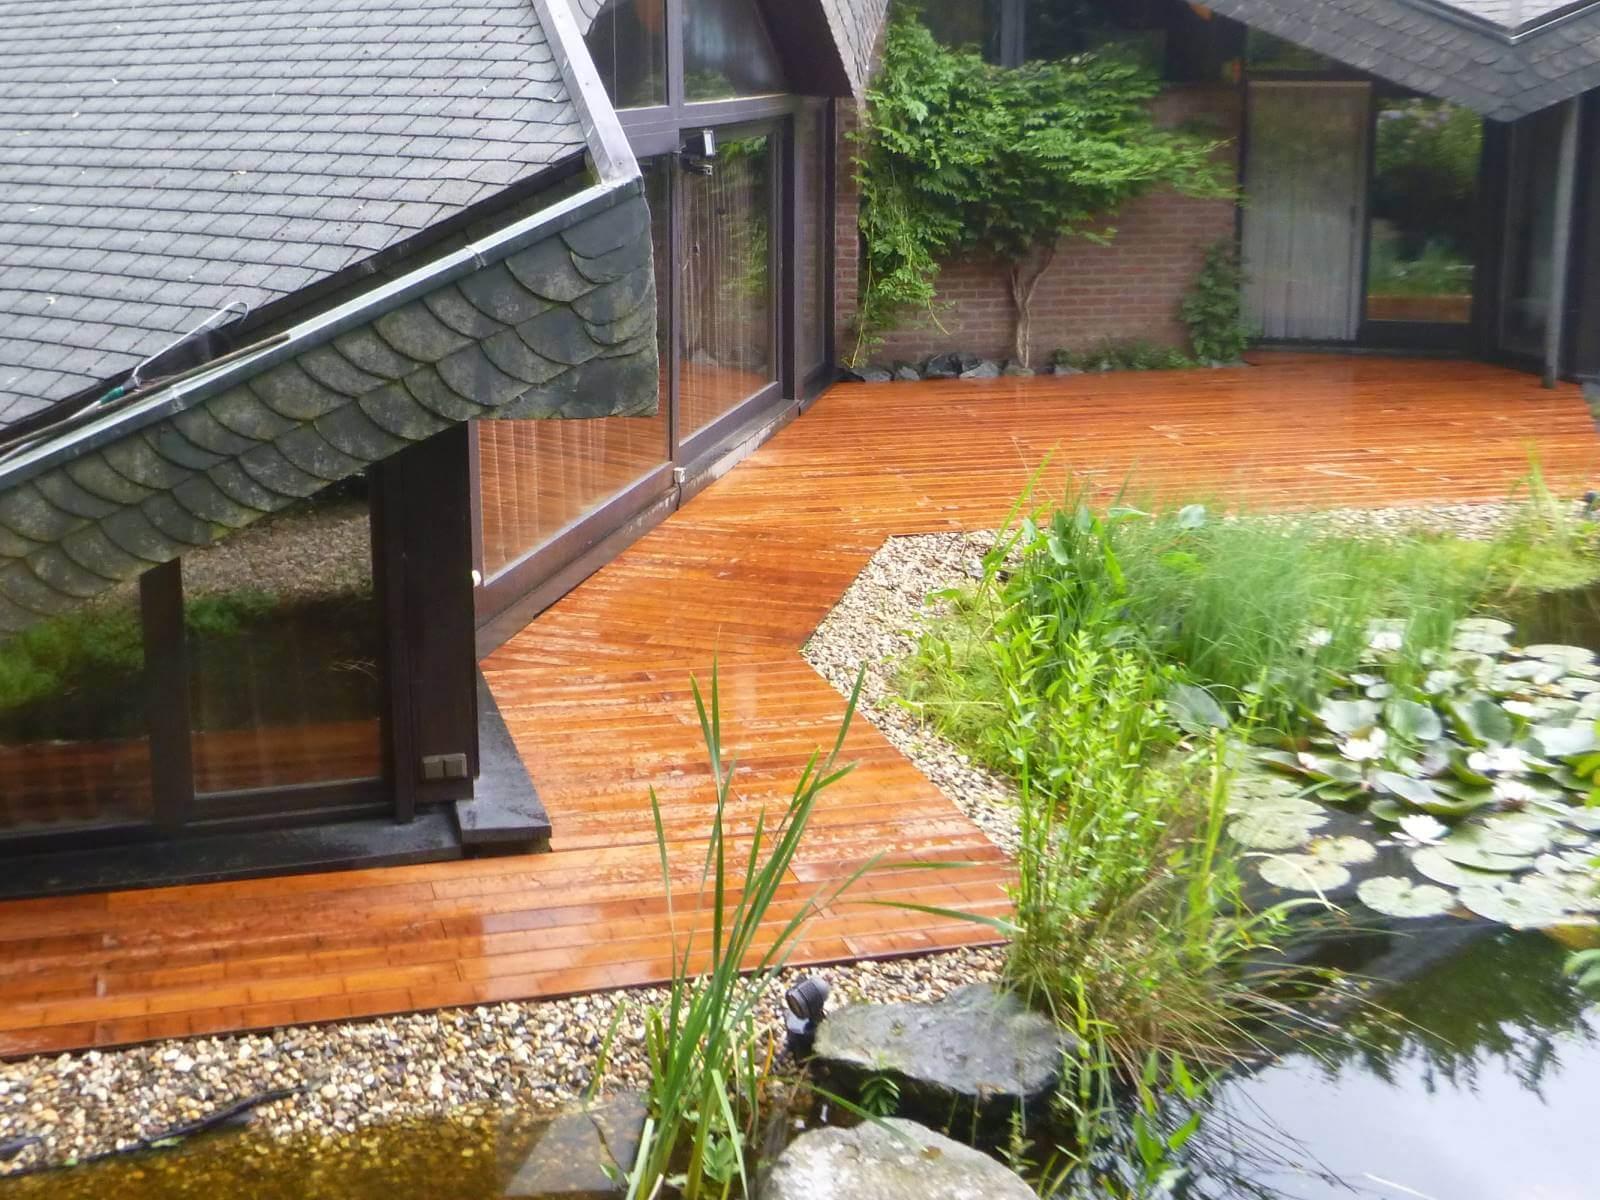 Terrasse aus bambus galabau m hler terrassendielen baumbus - Terrasse hoher als garten ...